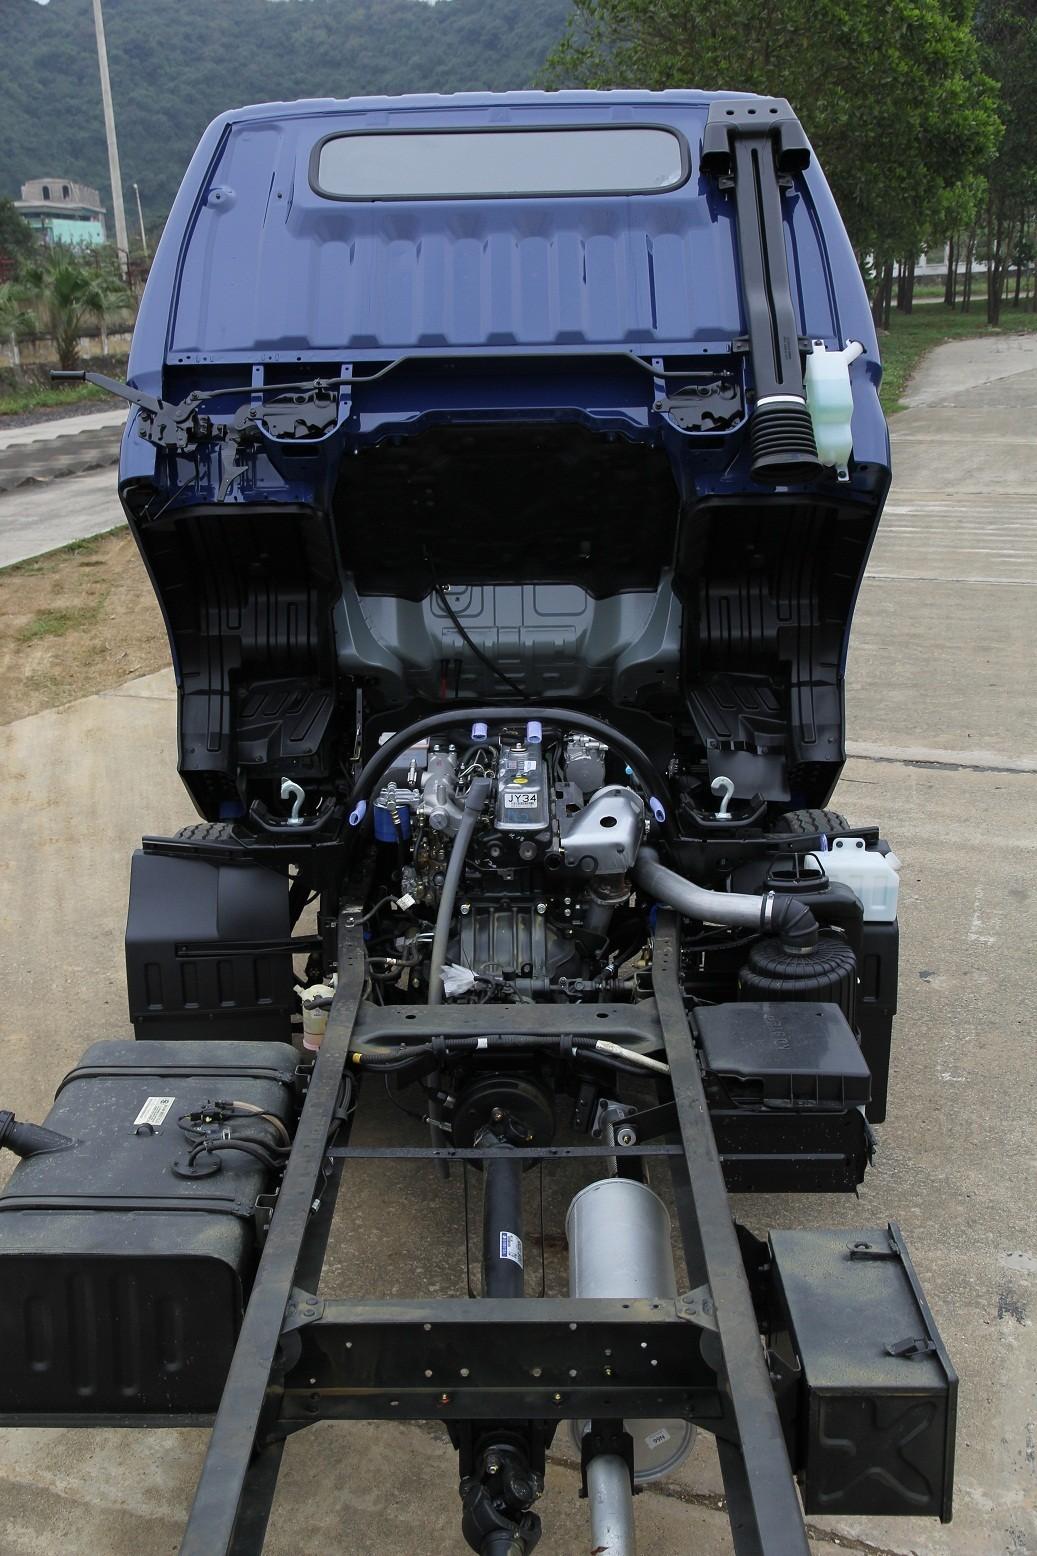 Hyundai HD HD800 Tải Trọng 8 Tấn Thùng Dài 5 mét Ảnh số 40631975